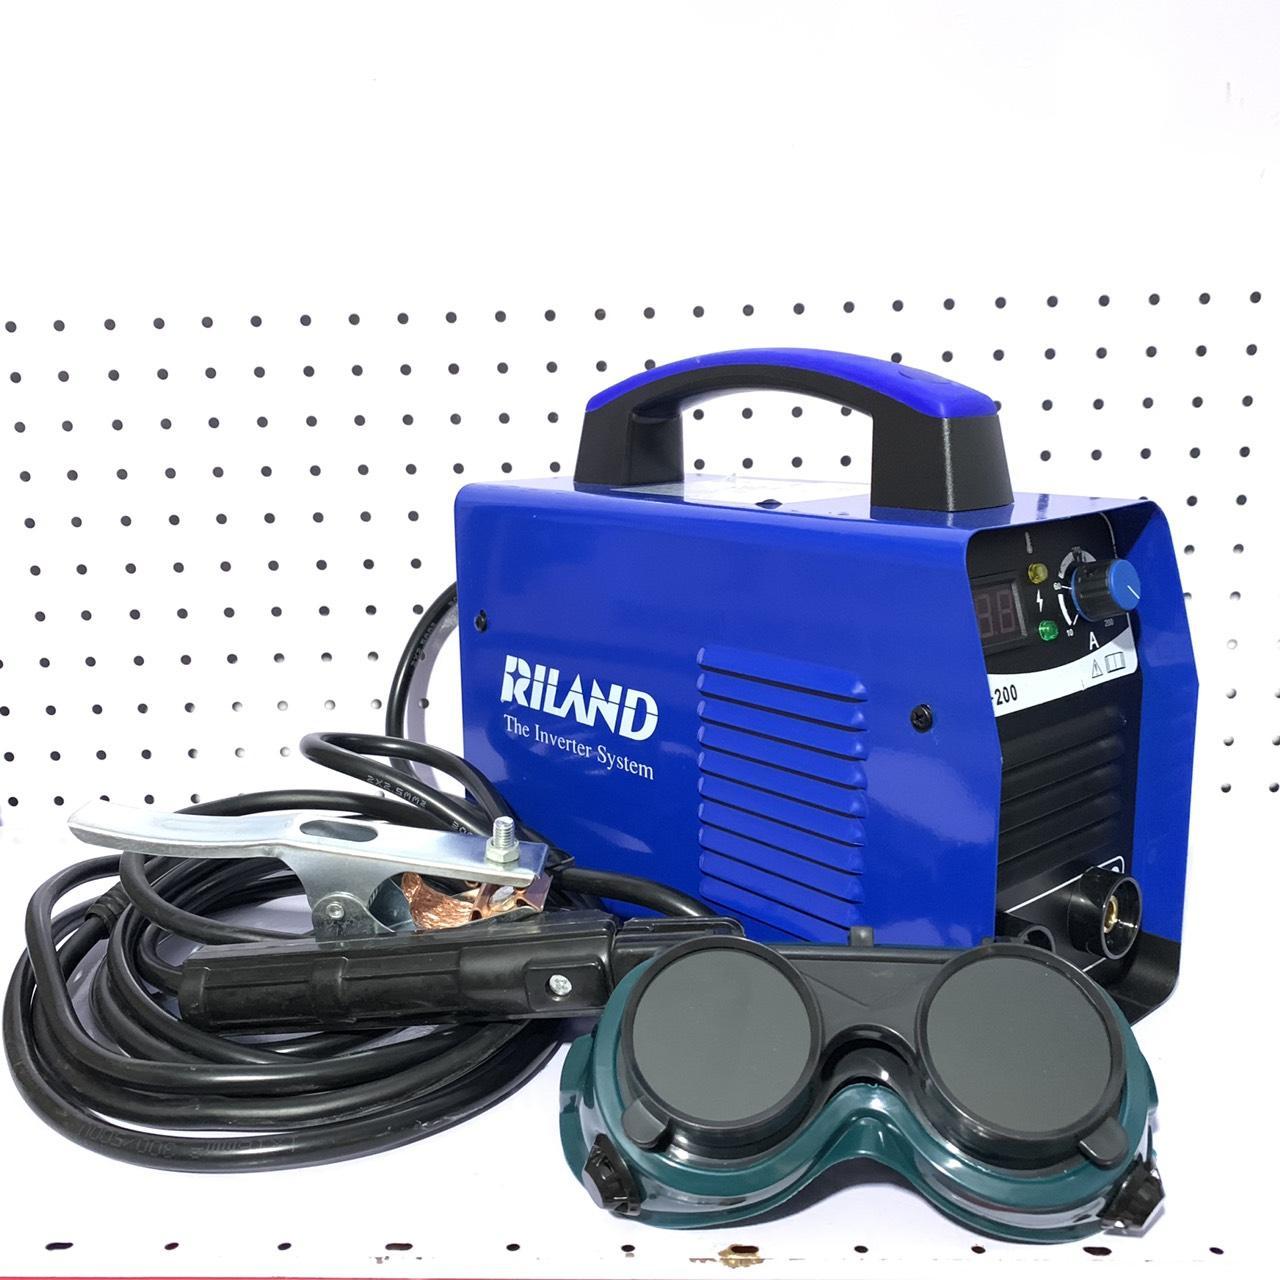 máy hàn điện tử Riland ARC200 mini, máy hàn điện tử, vietsun, máy hàn mini, máy hàn giá rẻ, máy hàn